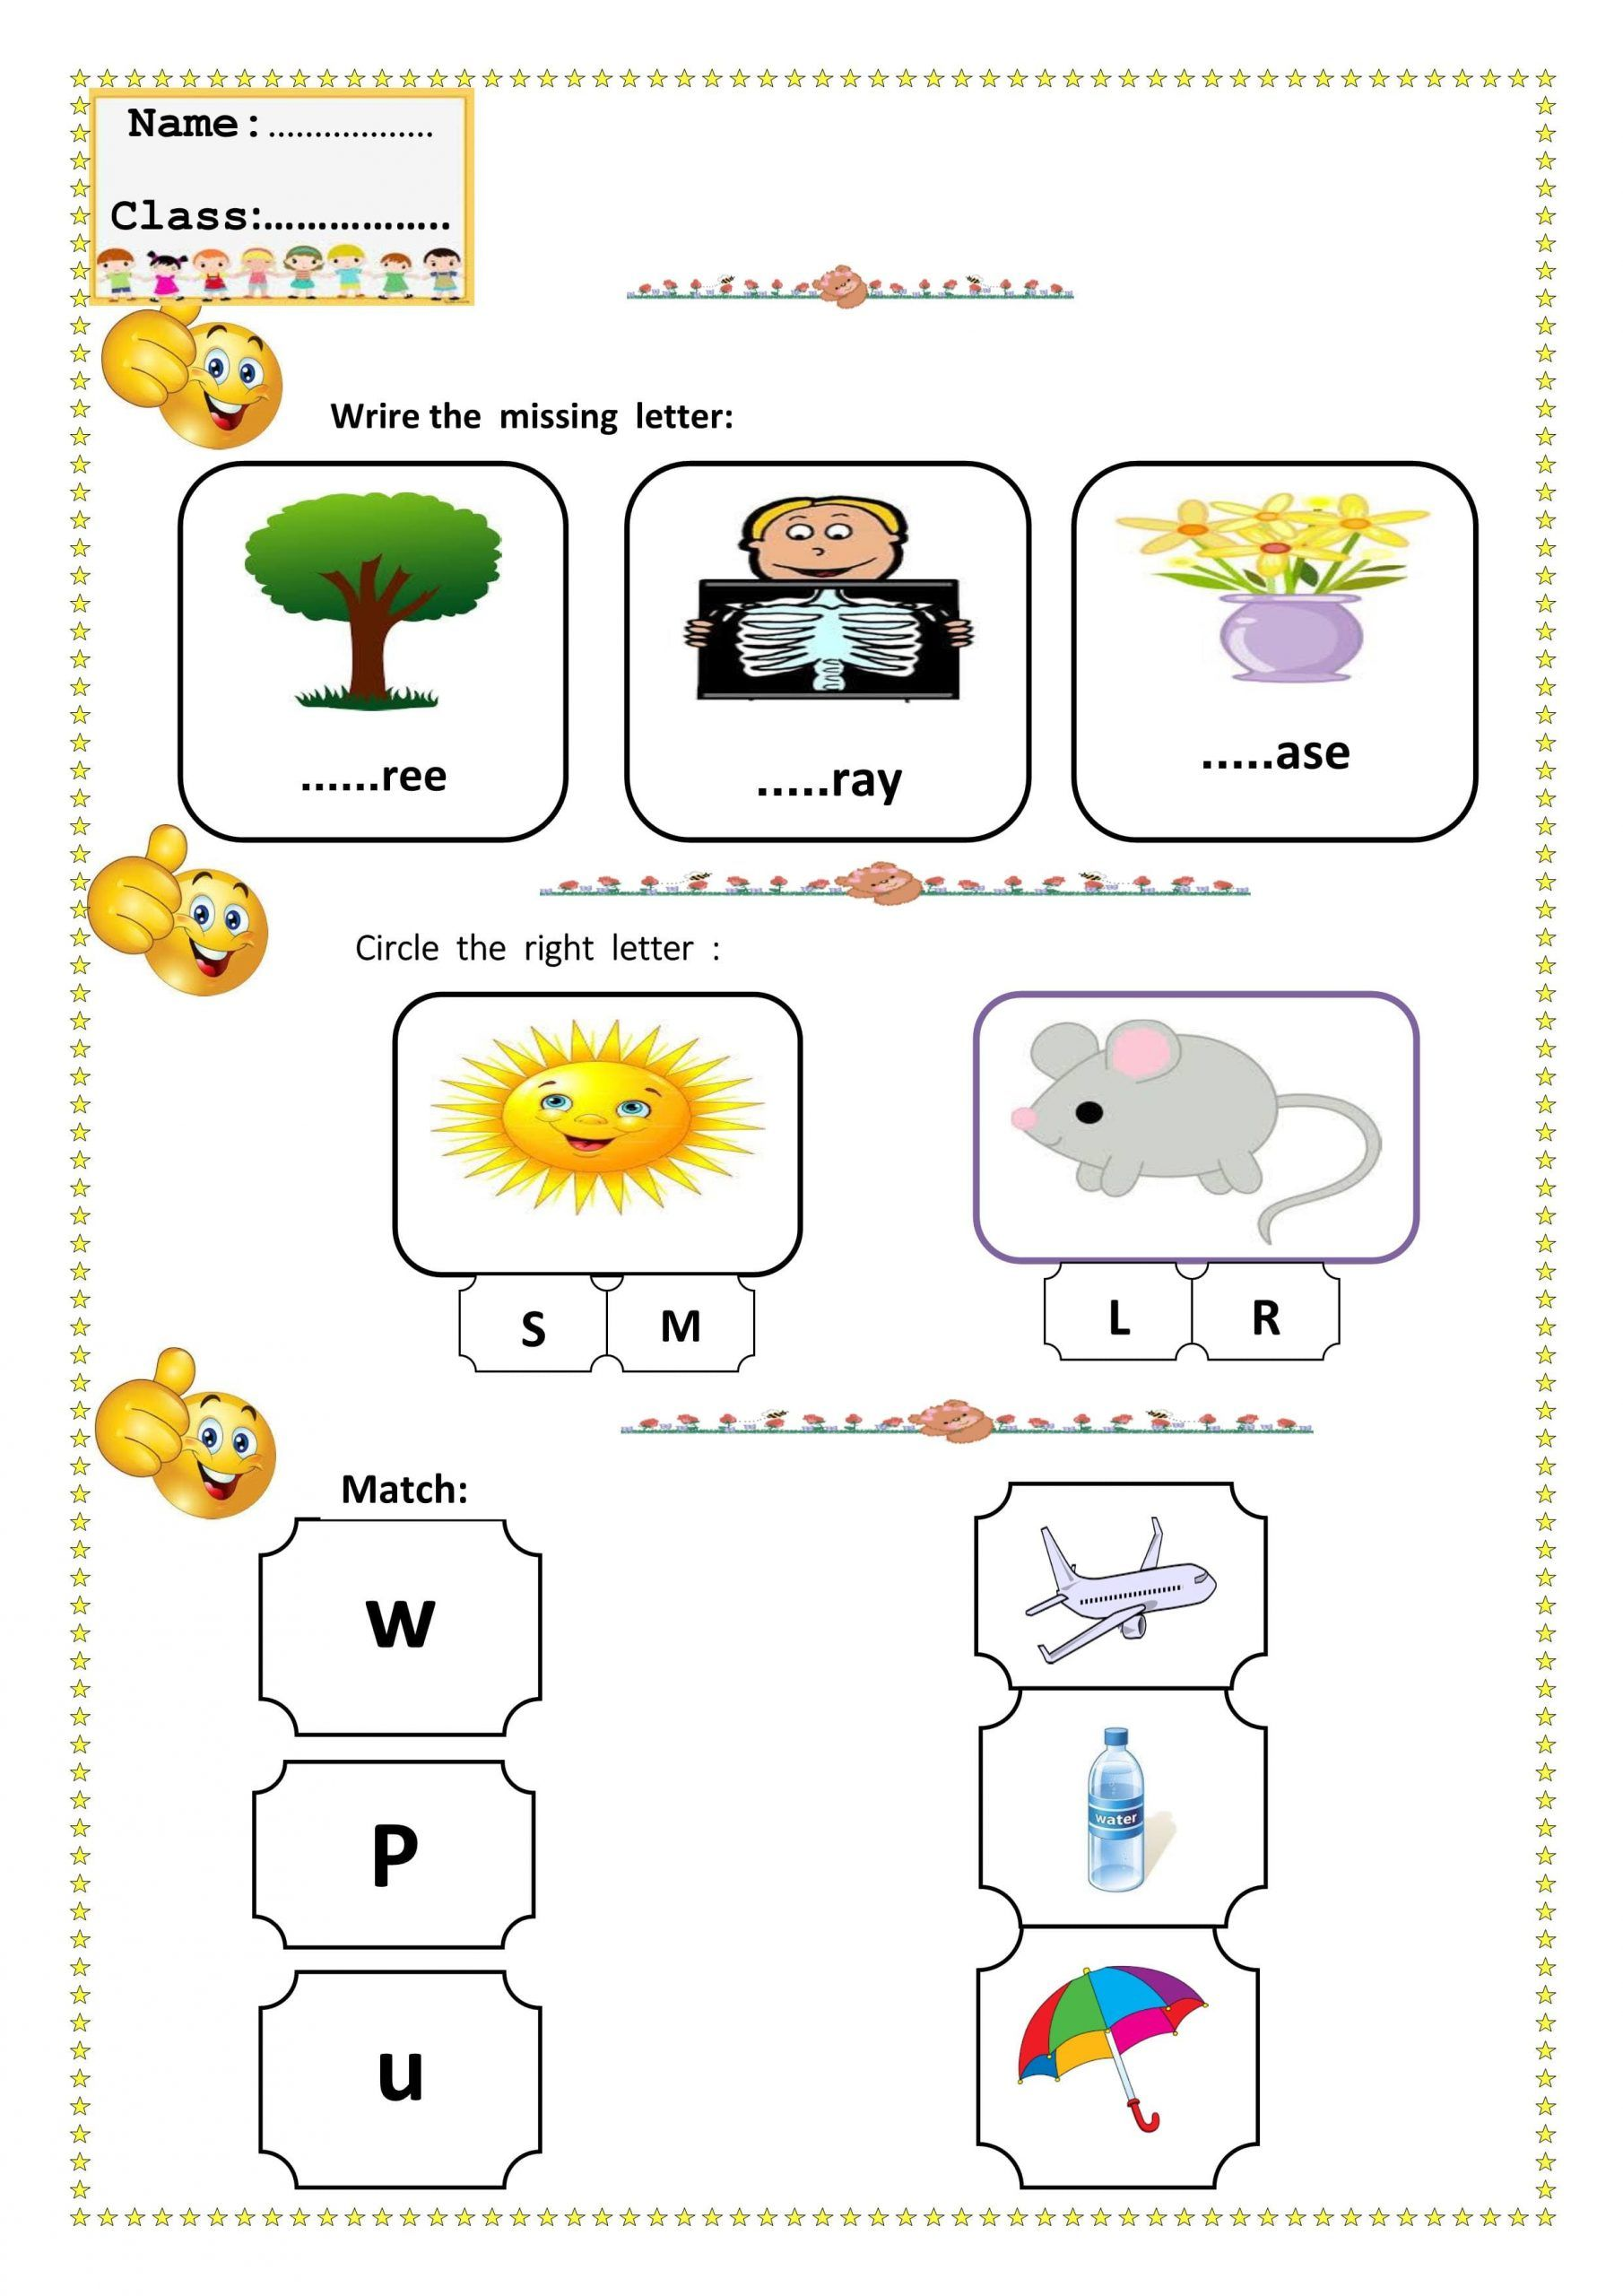 نموذج امتحان الحروف اللغة الانجليزية لرياض الاطفال English Grammar For Kids Grammar For Kids English Grammar